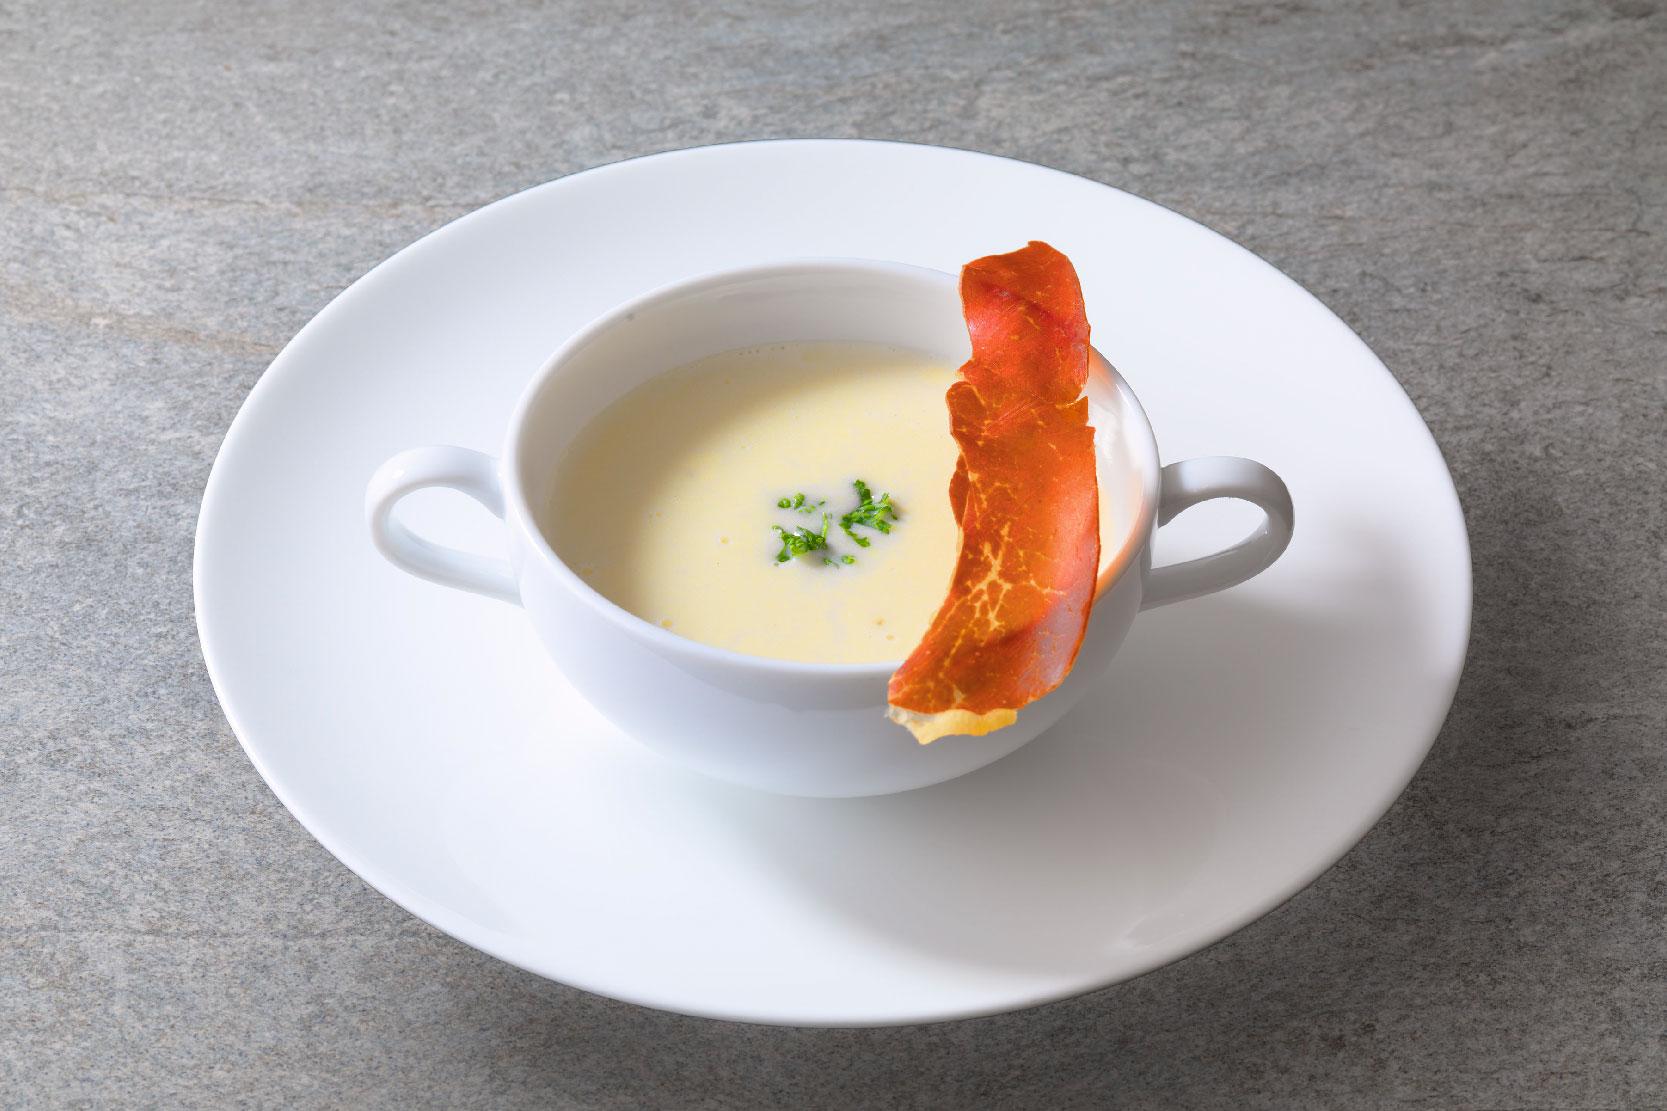 羊蹄山麓ジャガイモのクリームスープ クリスピーなパンチェッタ添え